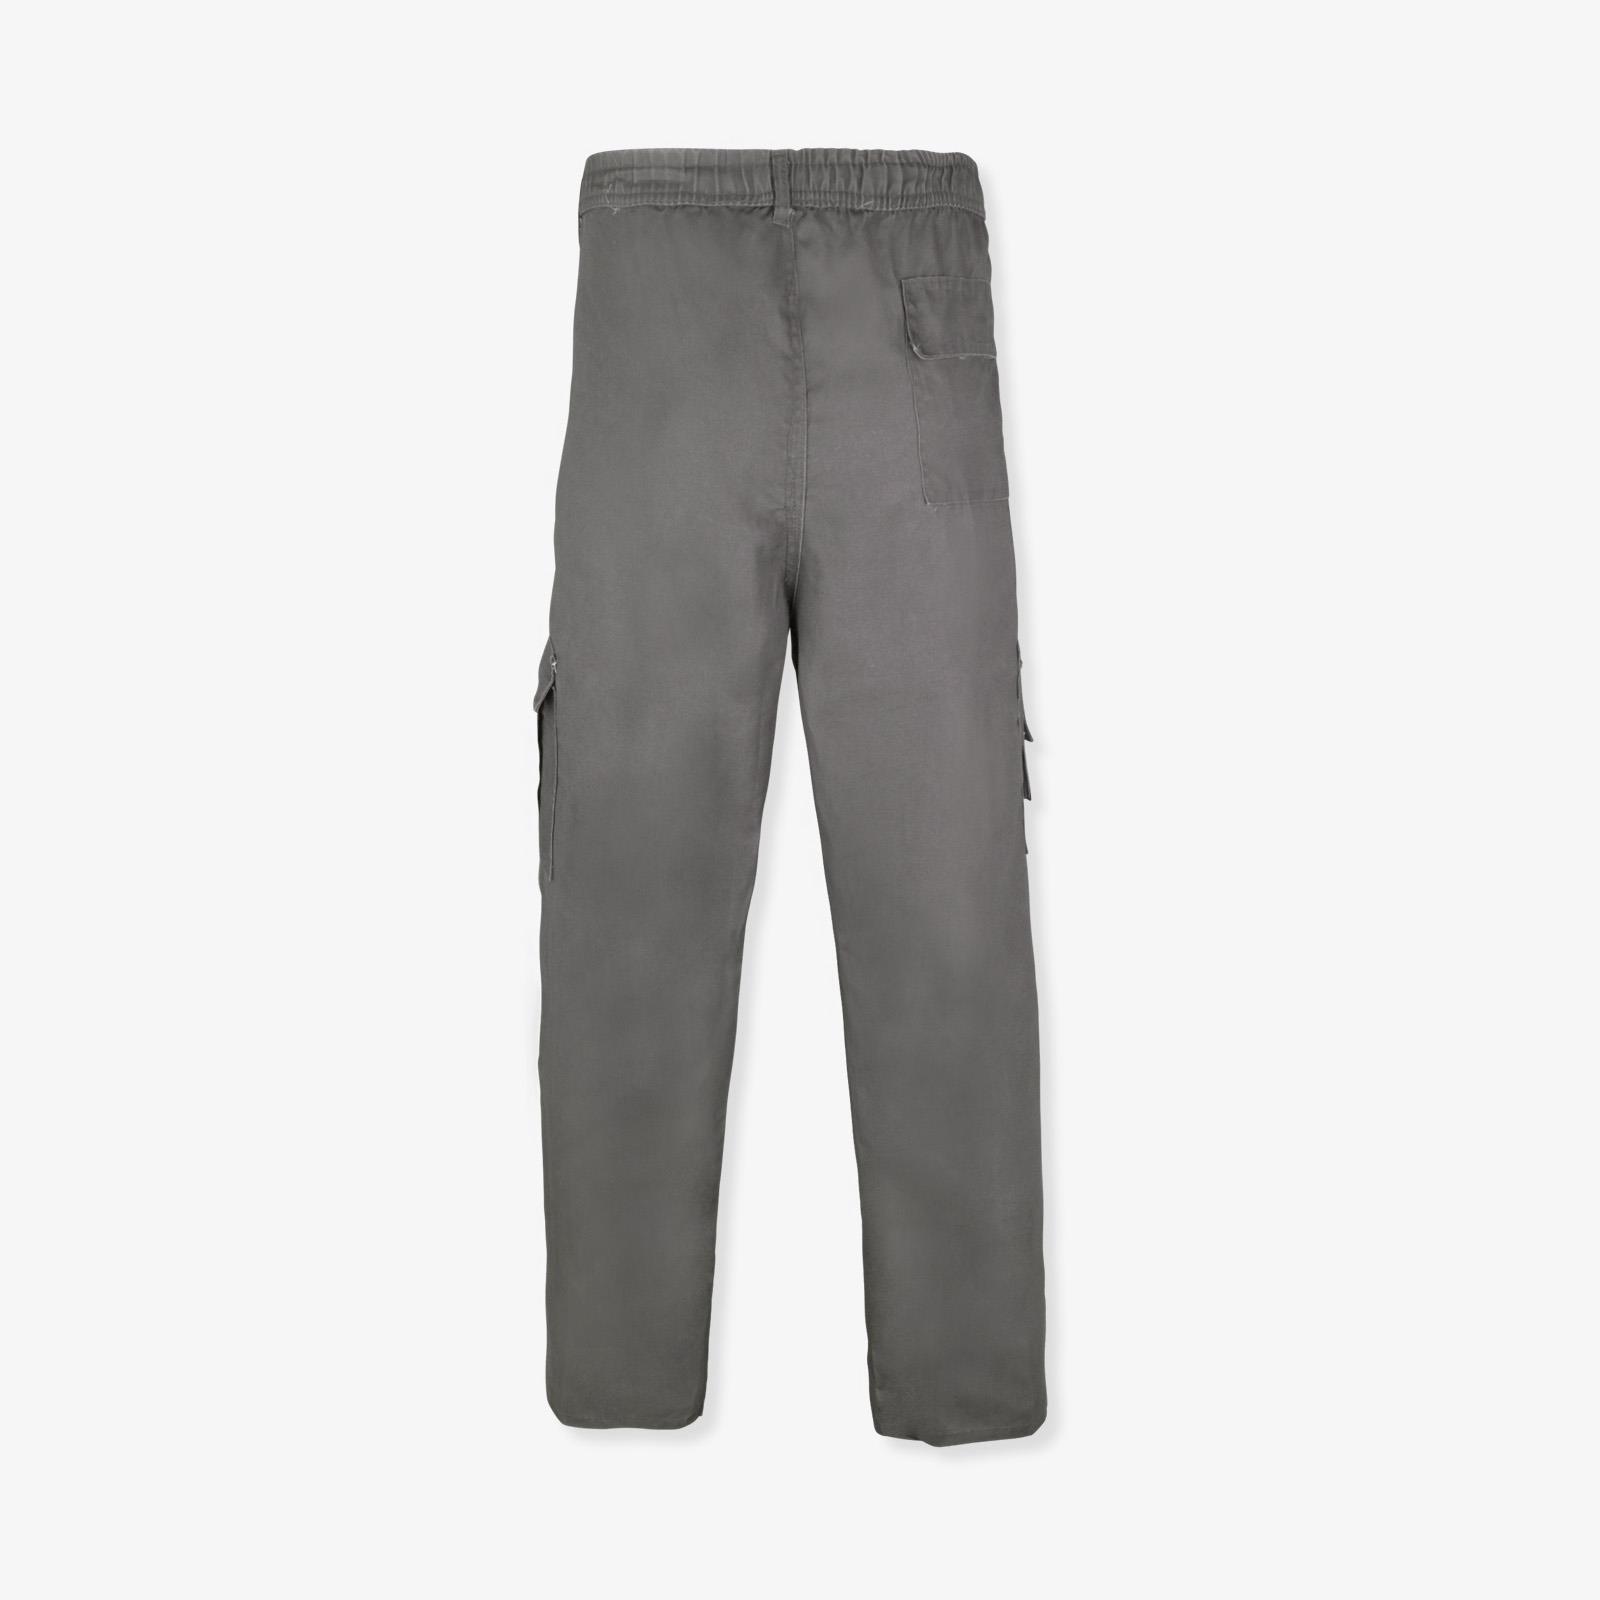 Pantalon-Homme-Cargo-Militaire-Ample-Poche-Grande-Taille-Elastique-Travail miniature 9